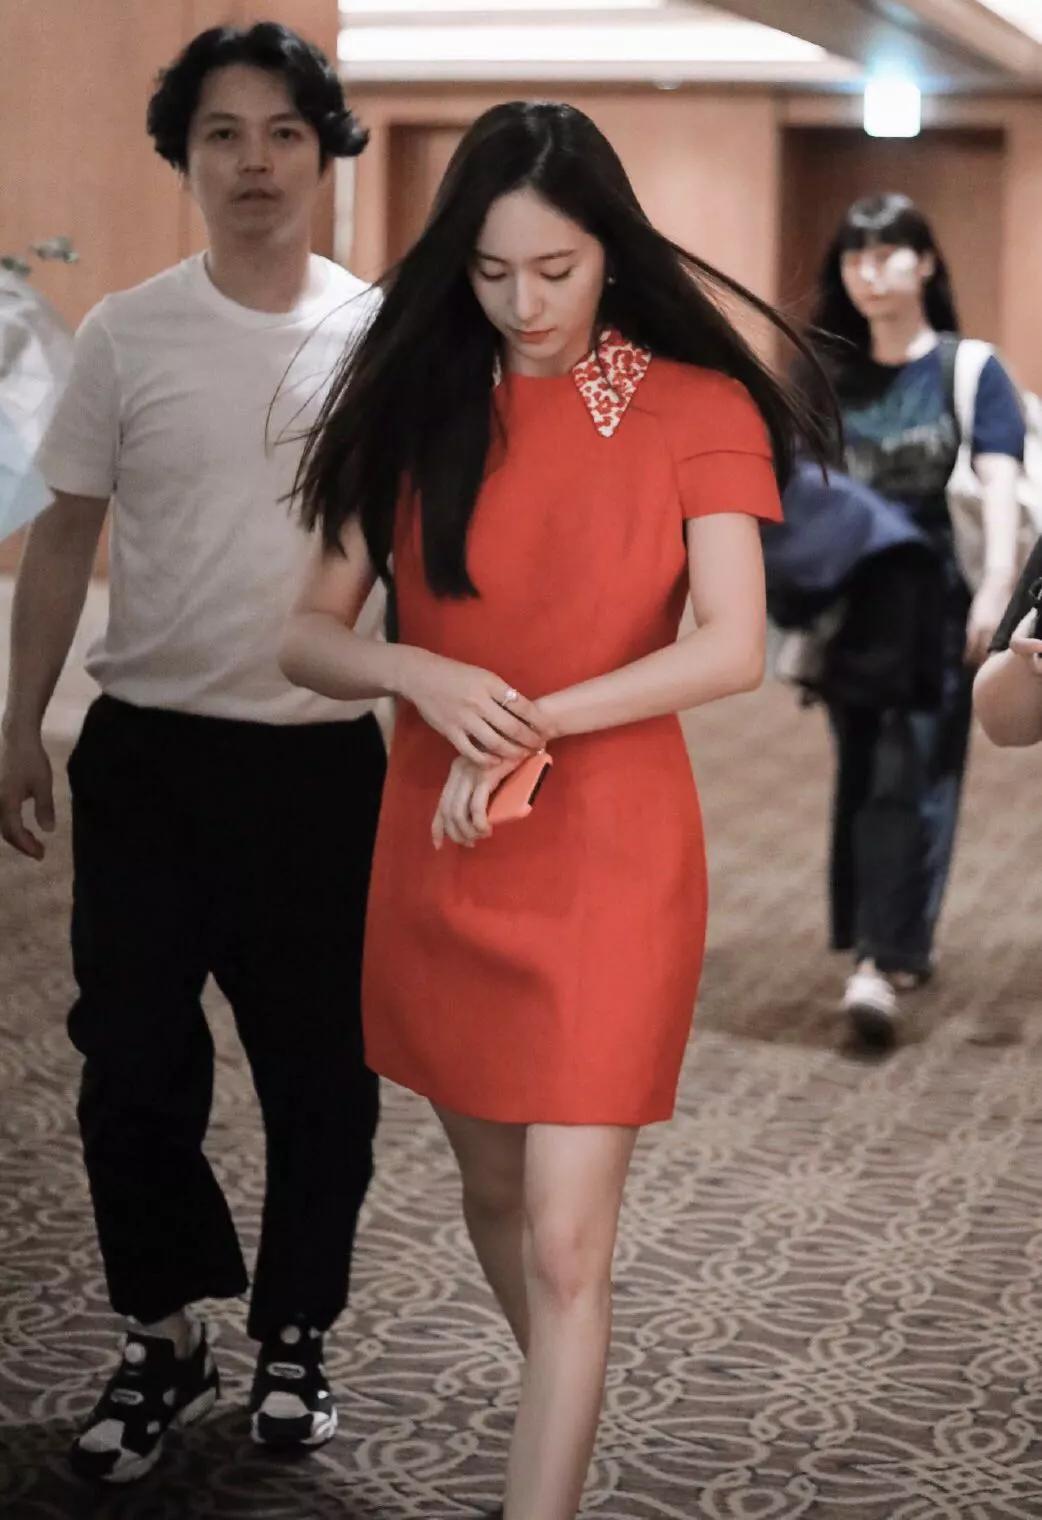 郑秀晶高调亮相,穿2万6小红裙优雅又高级,165cm的身材太惊艳!  第4张 郑秀晶高调亮相,穿2万6小红裙优雅又高级,165cm的身材太惊艳!  时尚 第4张